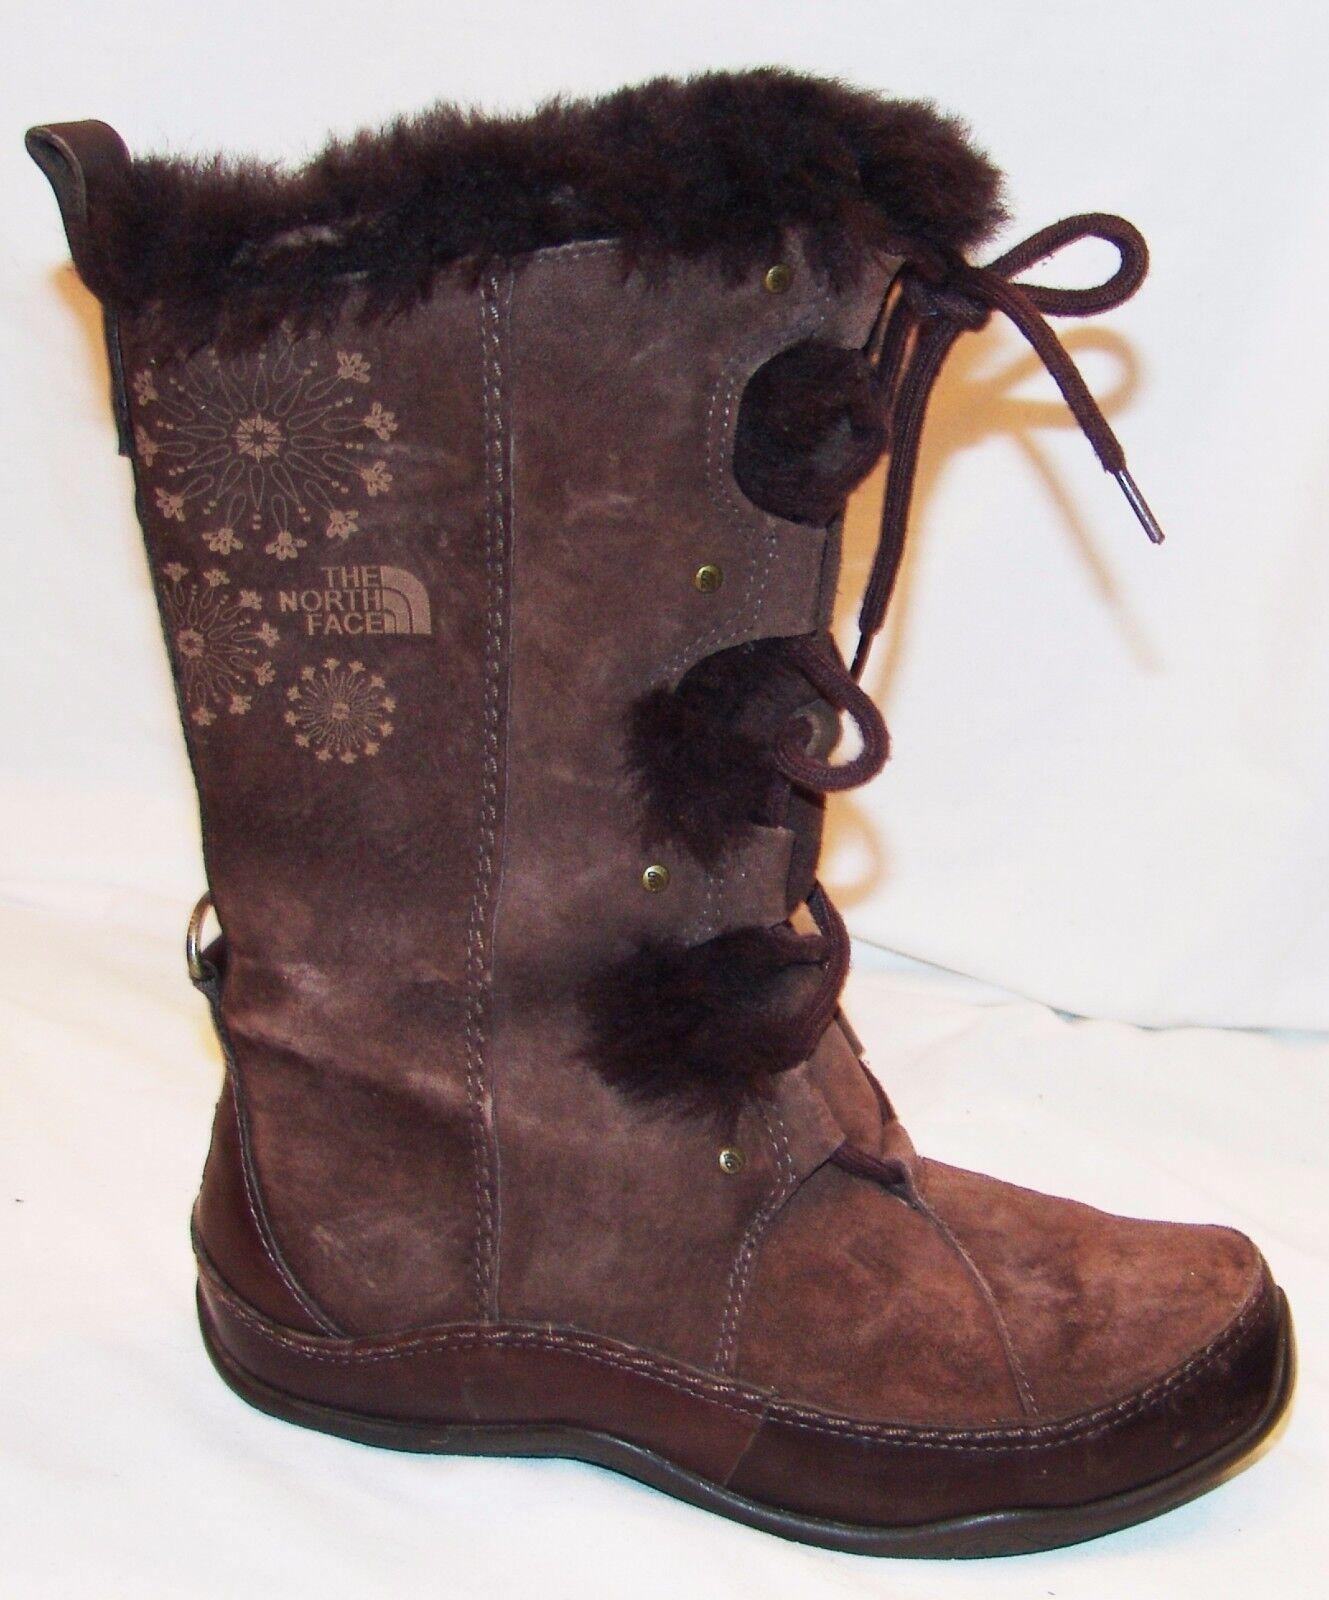 The North Face Braune Stiefel Stiefel Stiefel 6 Kunstpelz Primaloft Isoliert Innenfutter  | Angemessener Preis  77f0a5